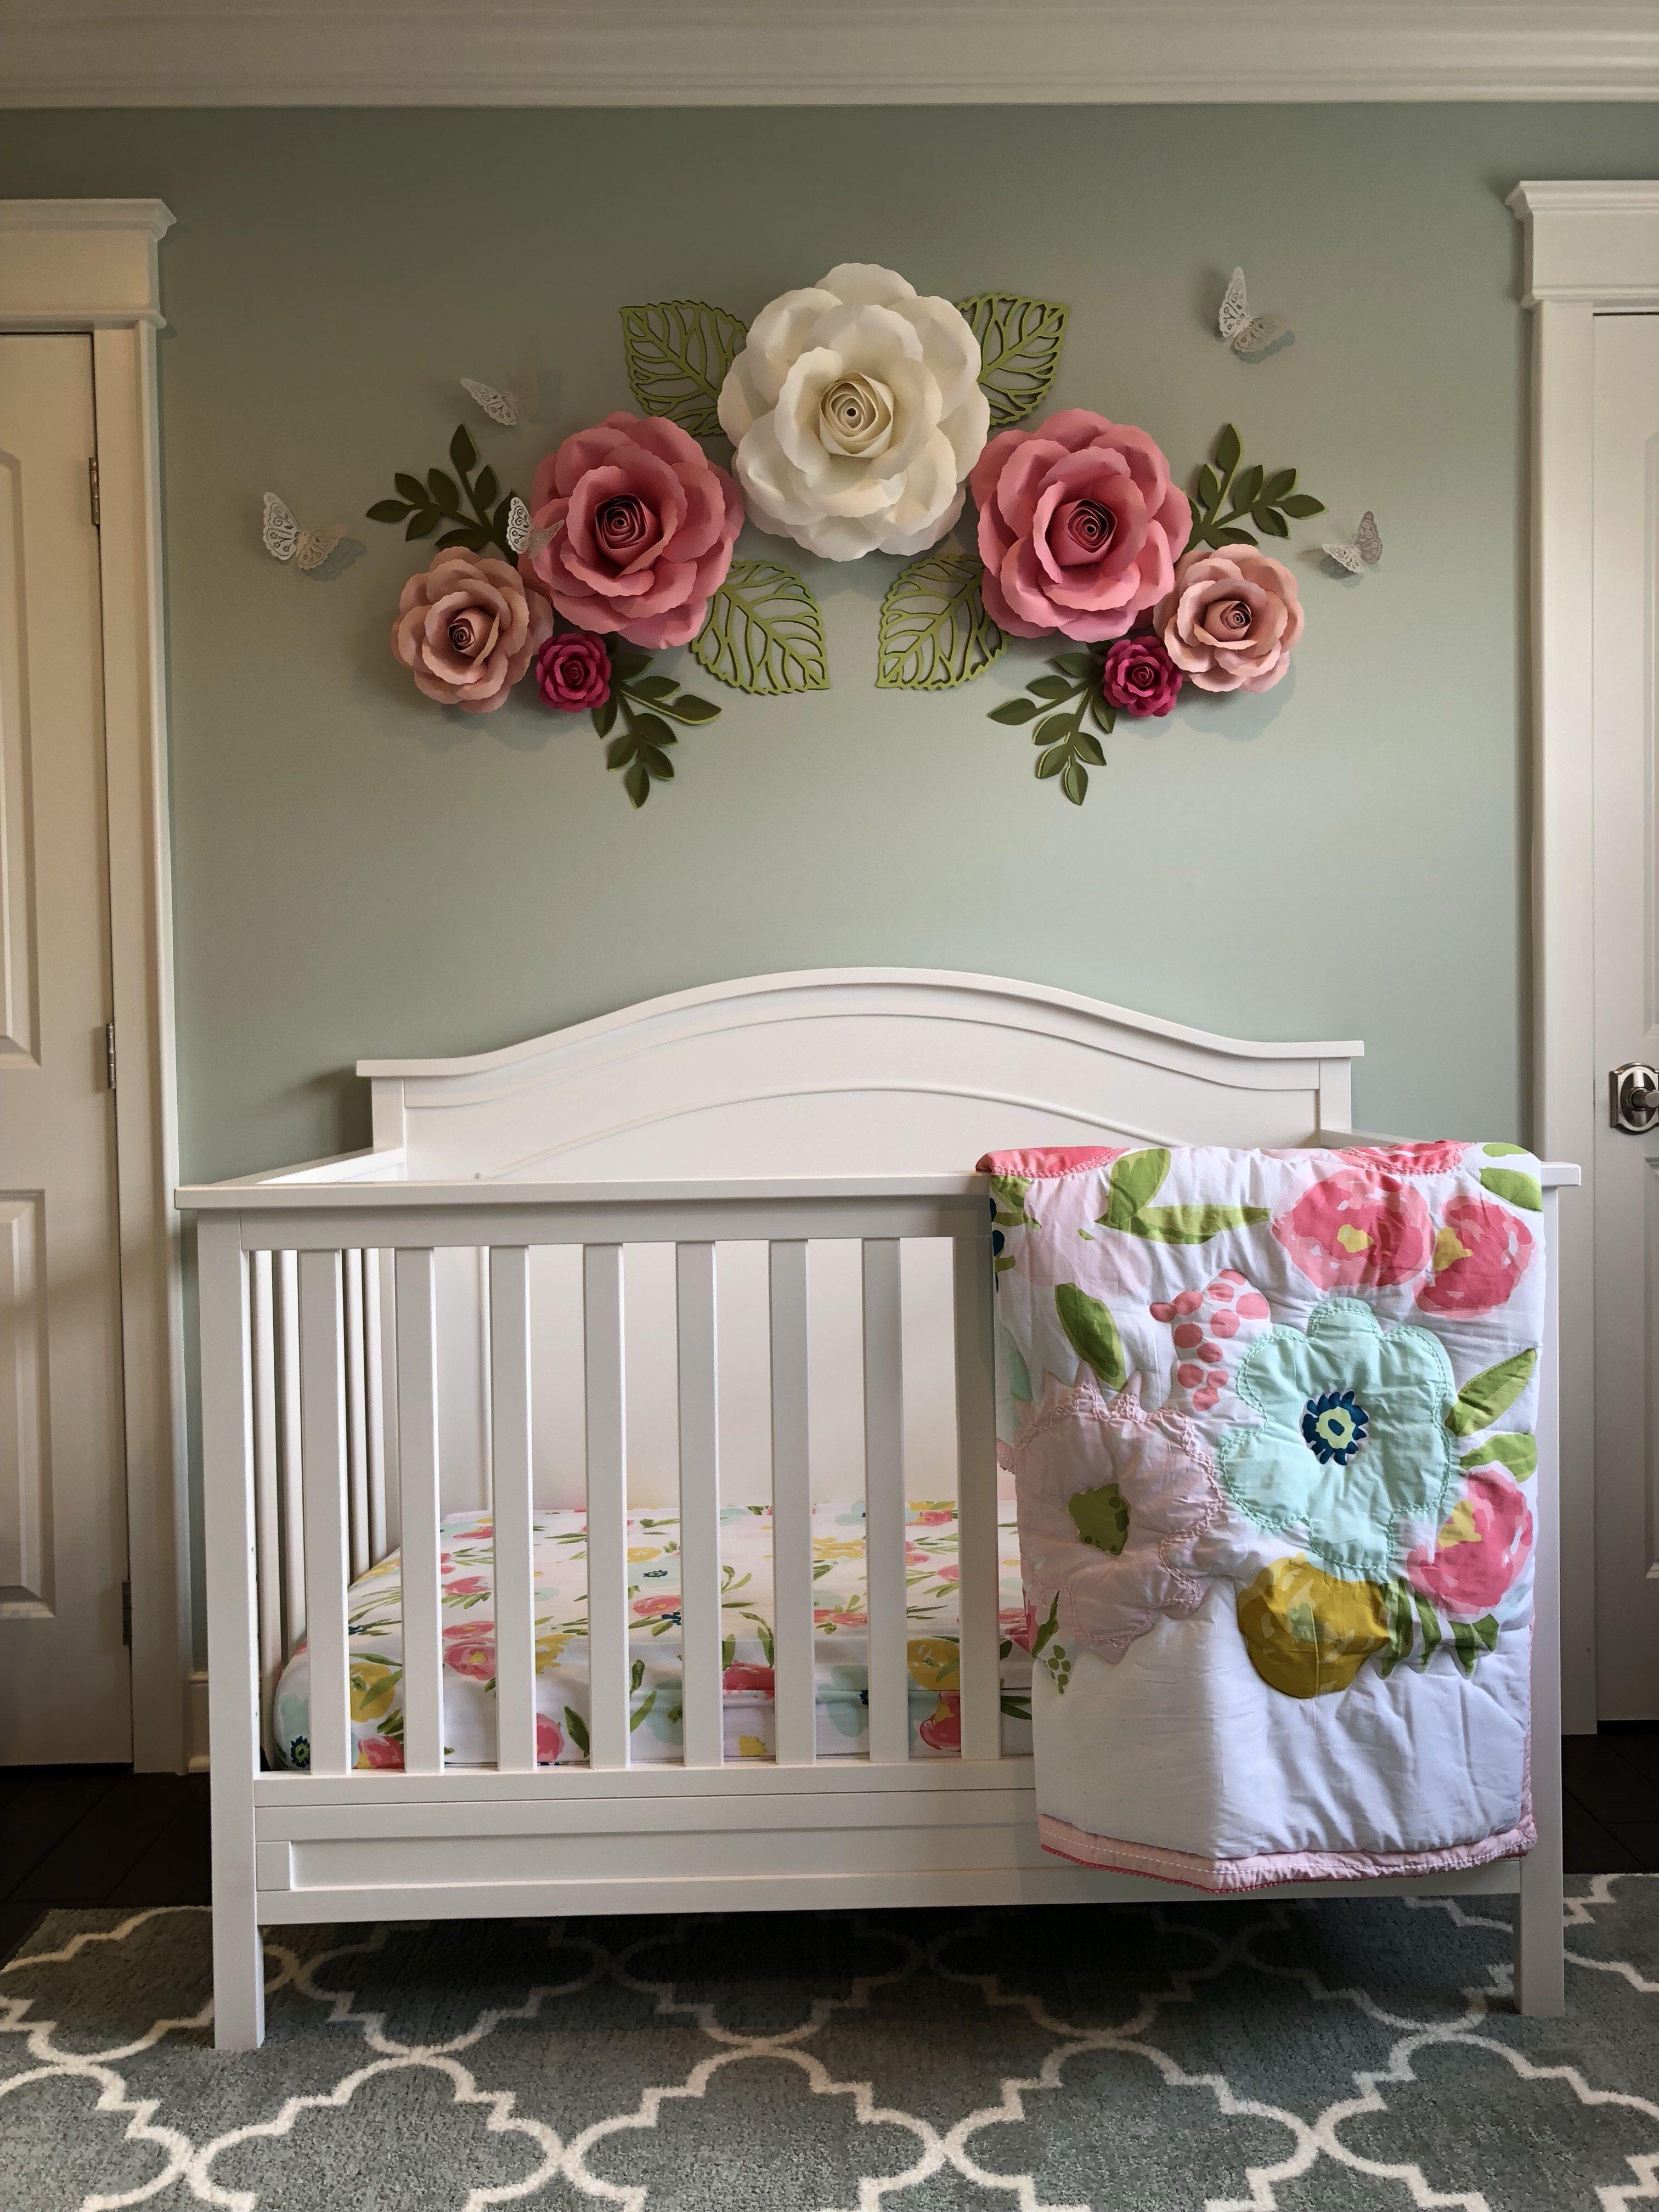 Flower Nursery Image By Arielleelisedesigns On Paper Flowers